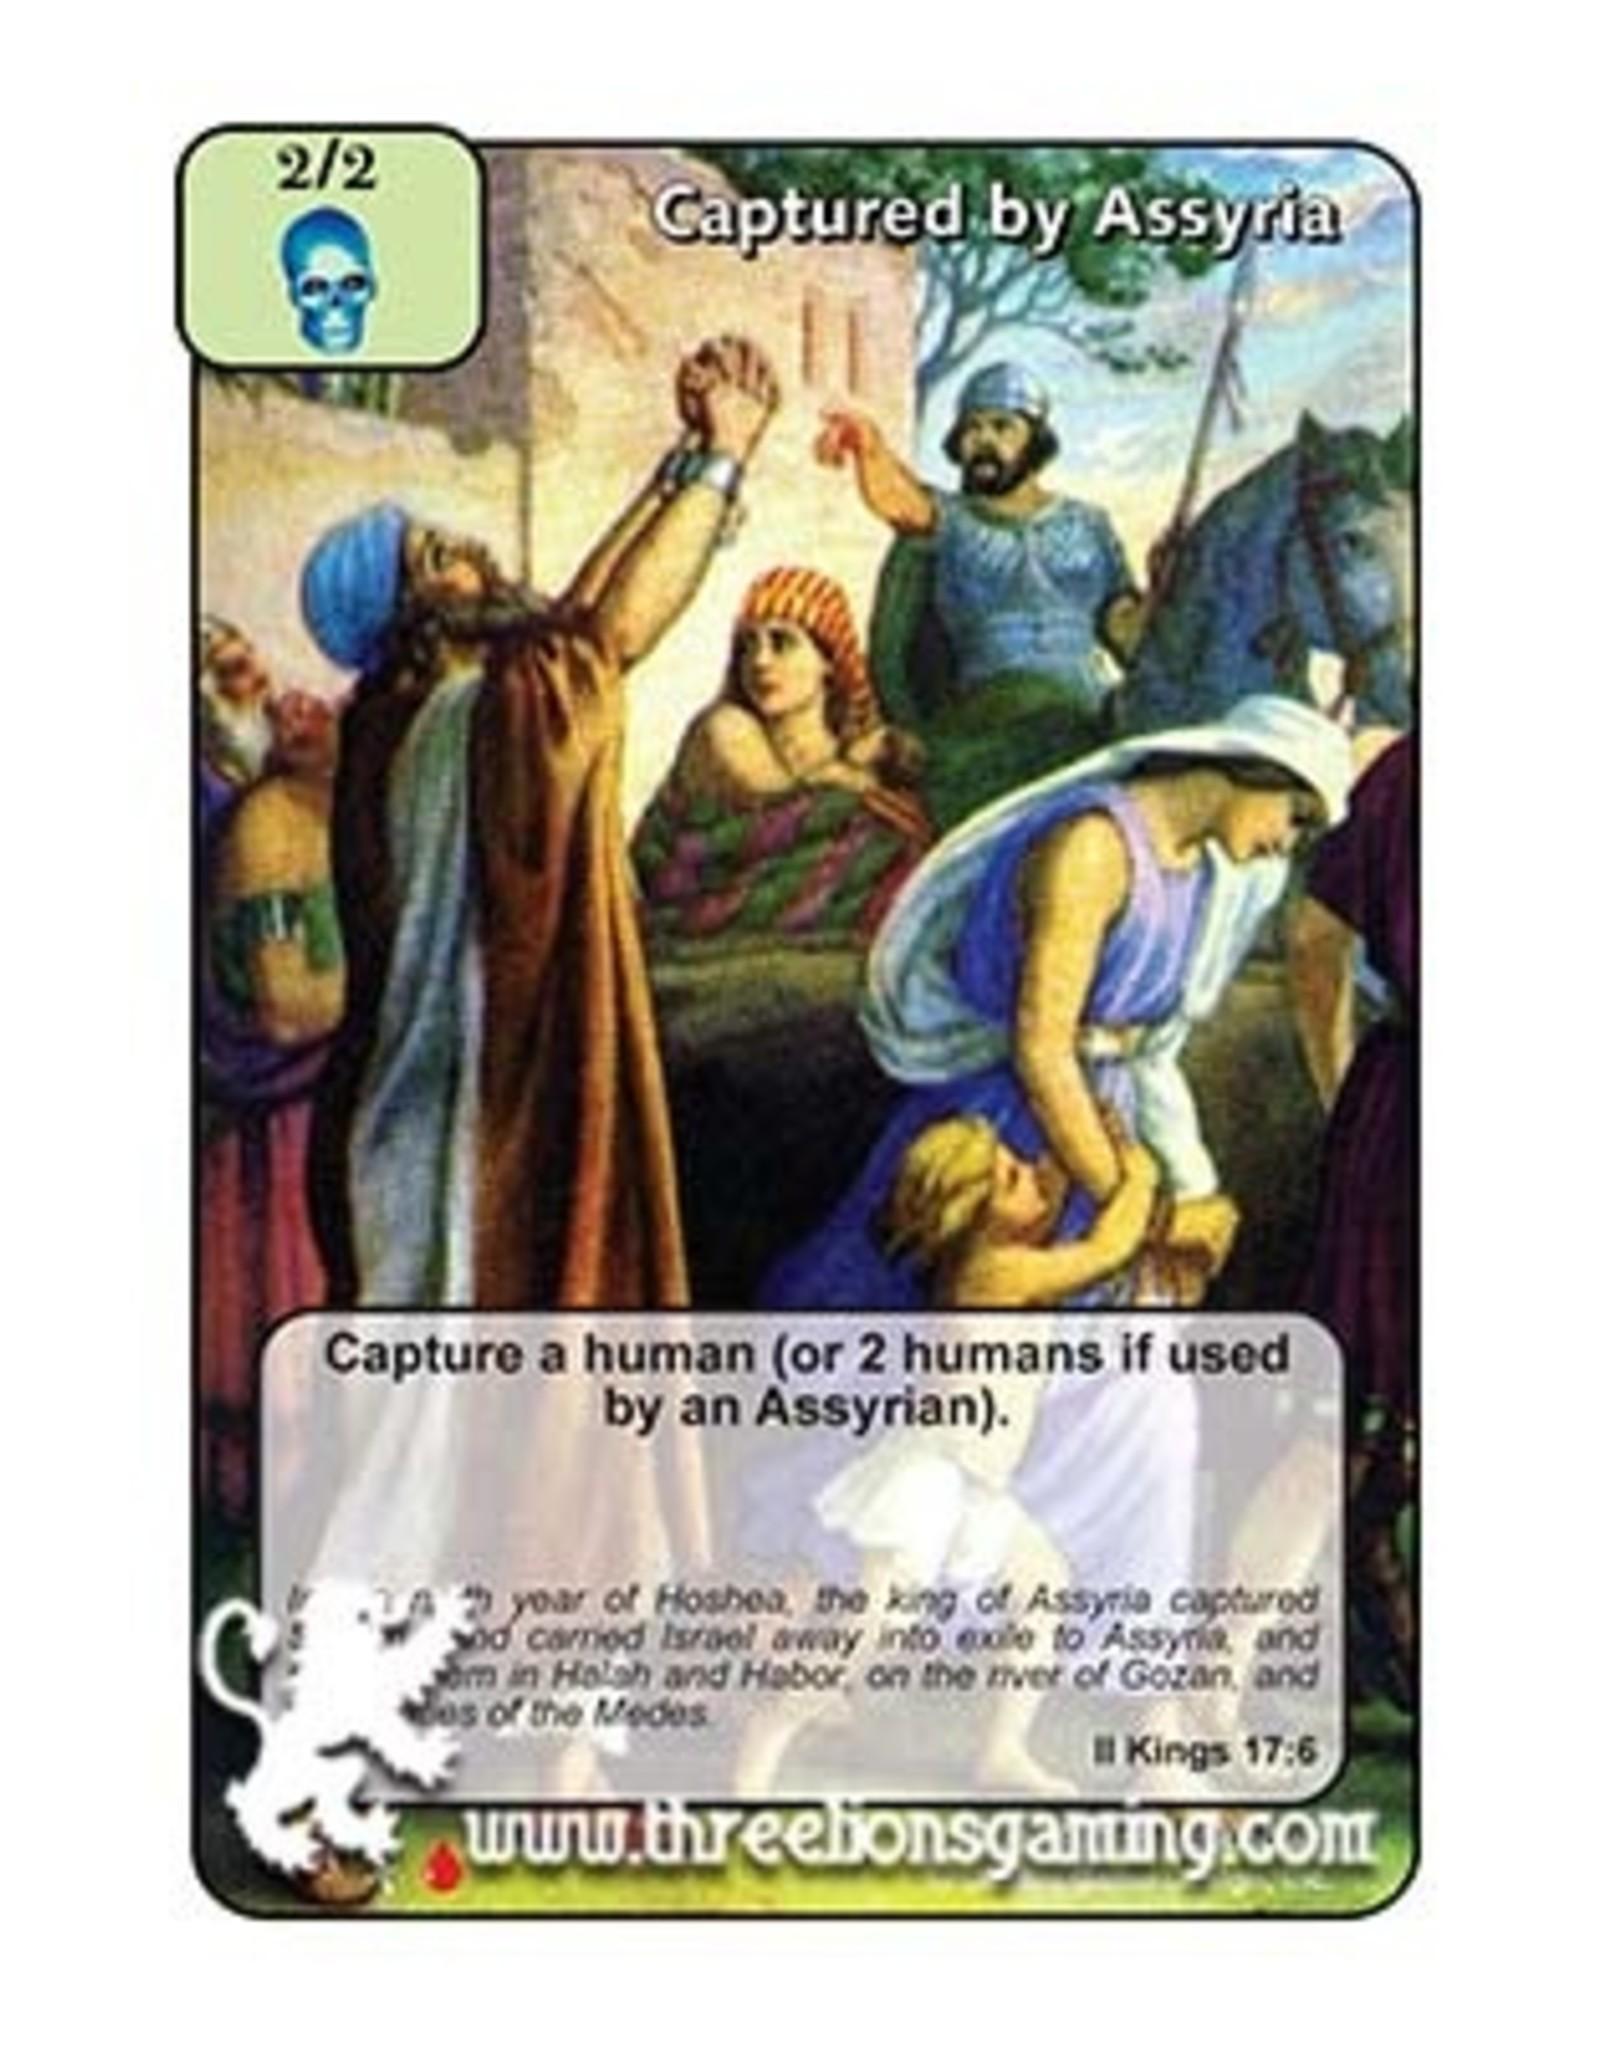 LoC: LR Captured by Assyria